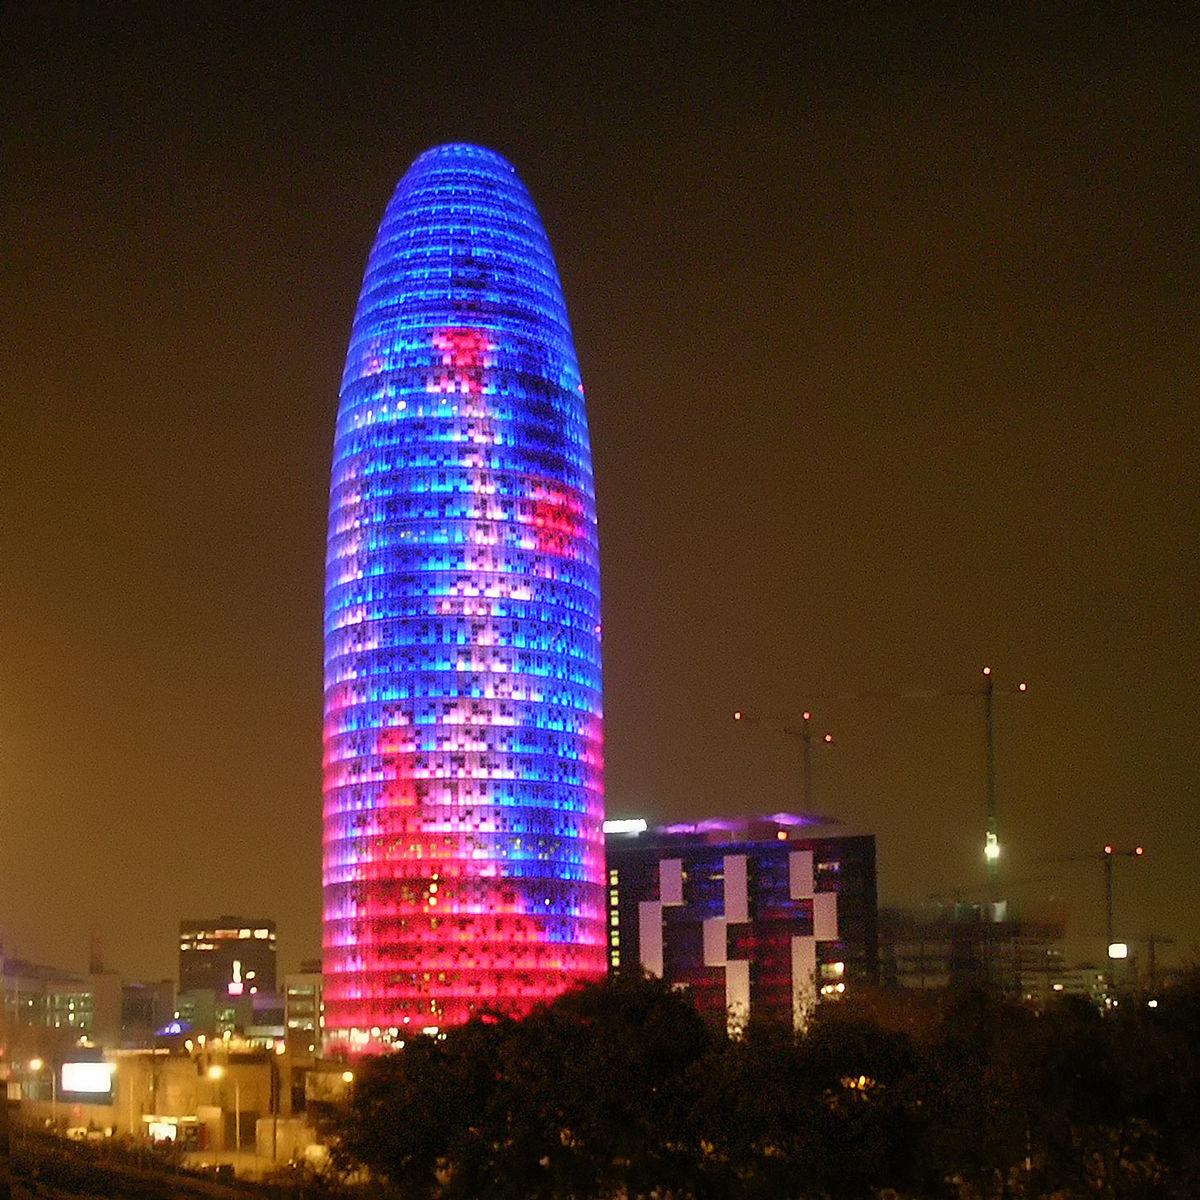 File:Torre Agbar.jpg - Wikimedia Commons